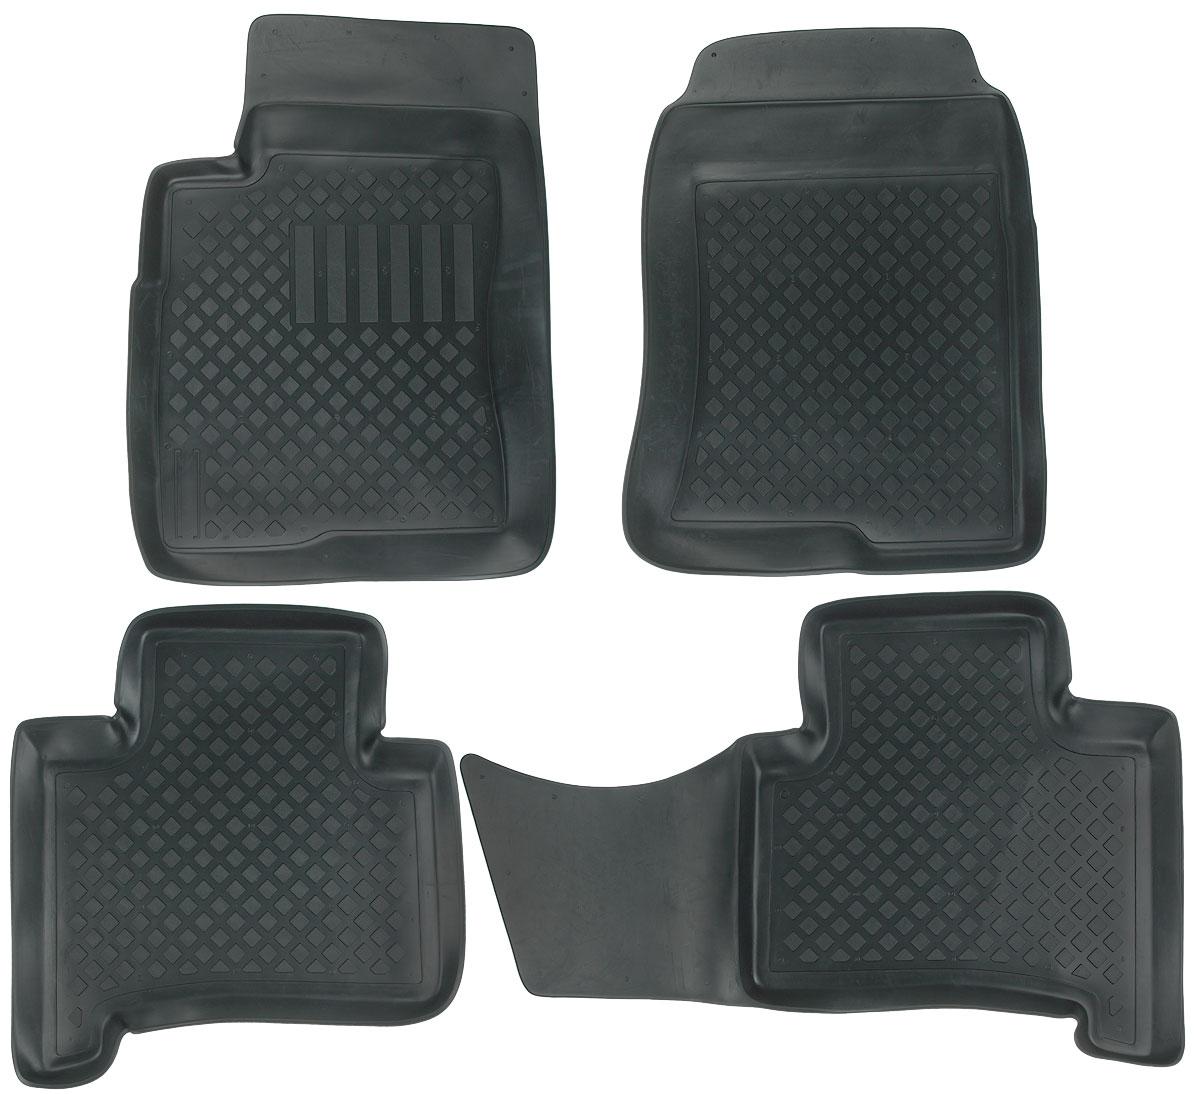 Набор автомобильных ковриков L.Locker, для Toyota Land Cruiser Prado (02-), в салон, 4 шт4258658Набор L.Locker, изготовленный из полиуретана, состоит из 4 антискользящих 3D ковриков, которые производятся индивидуально для каждой модели автомобиля. Изделие точно повторяет геометрию пола автомобиля, имеет высокий борт, обладает повышенной износоустойчивостью, лишено резкого запаха и сохраняет свои потребительские свойства в широком диапазоне температур от -50°С до +50°С. Комплектация: 4 шт.Размер ковриков: 75 см х 56 см; 95 см х 54 см; 59 см х 64 см; 72 см х 54 см.